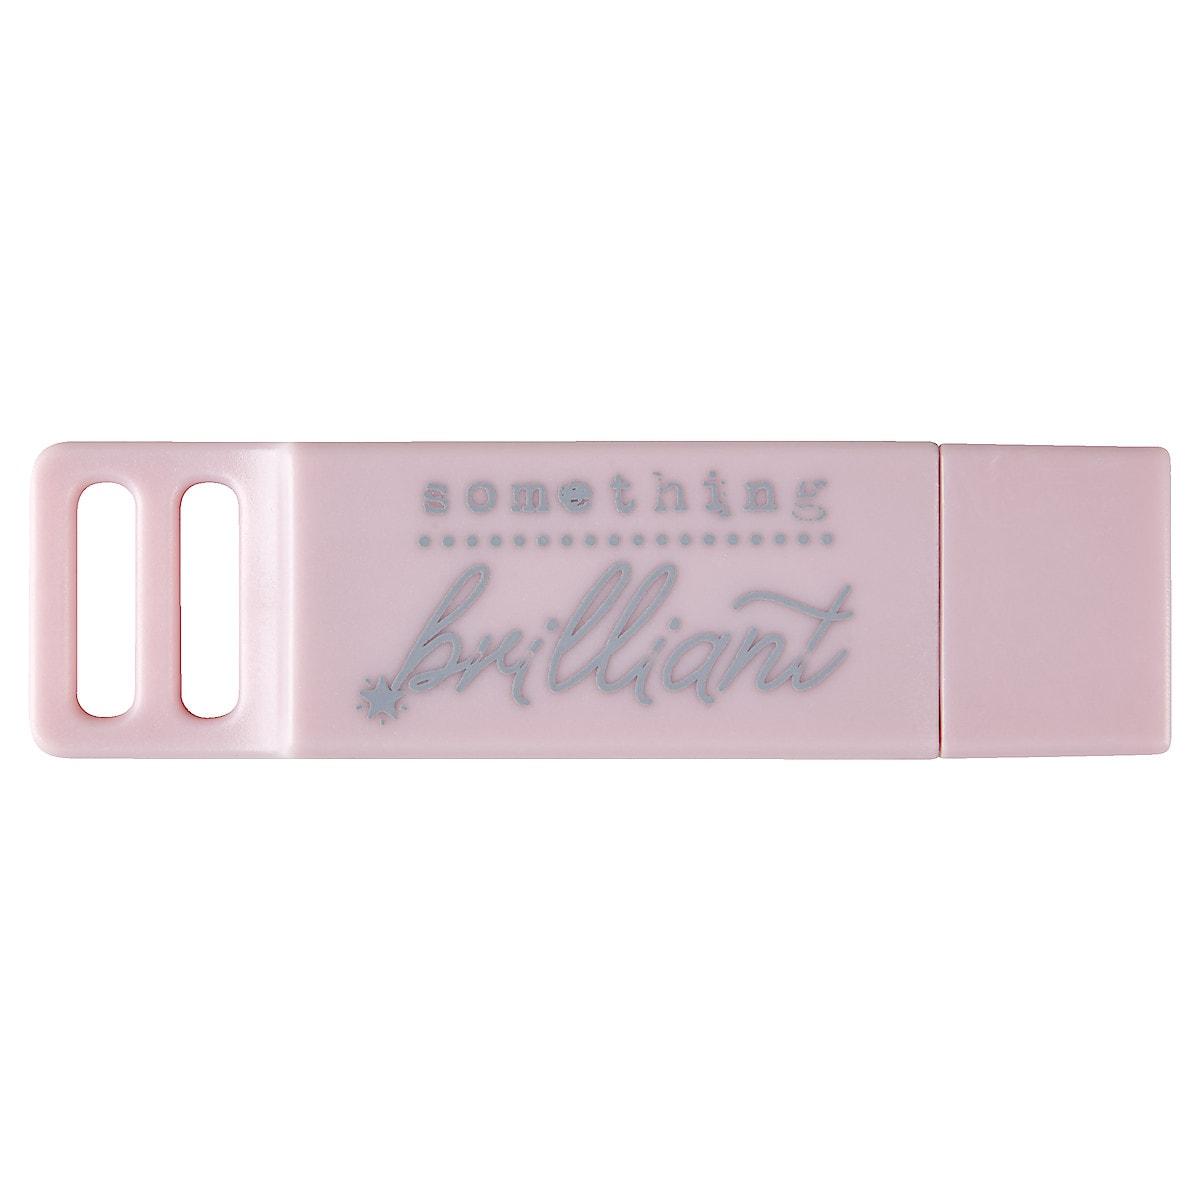 USB-minne 2.0, 8 GB